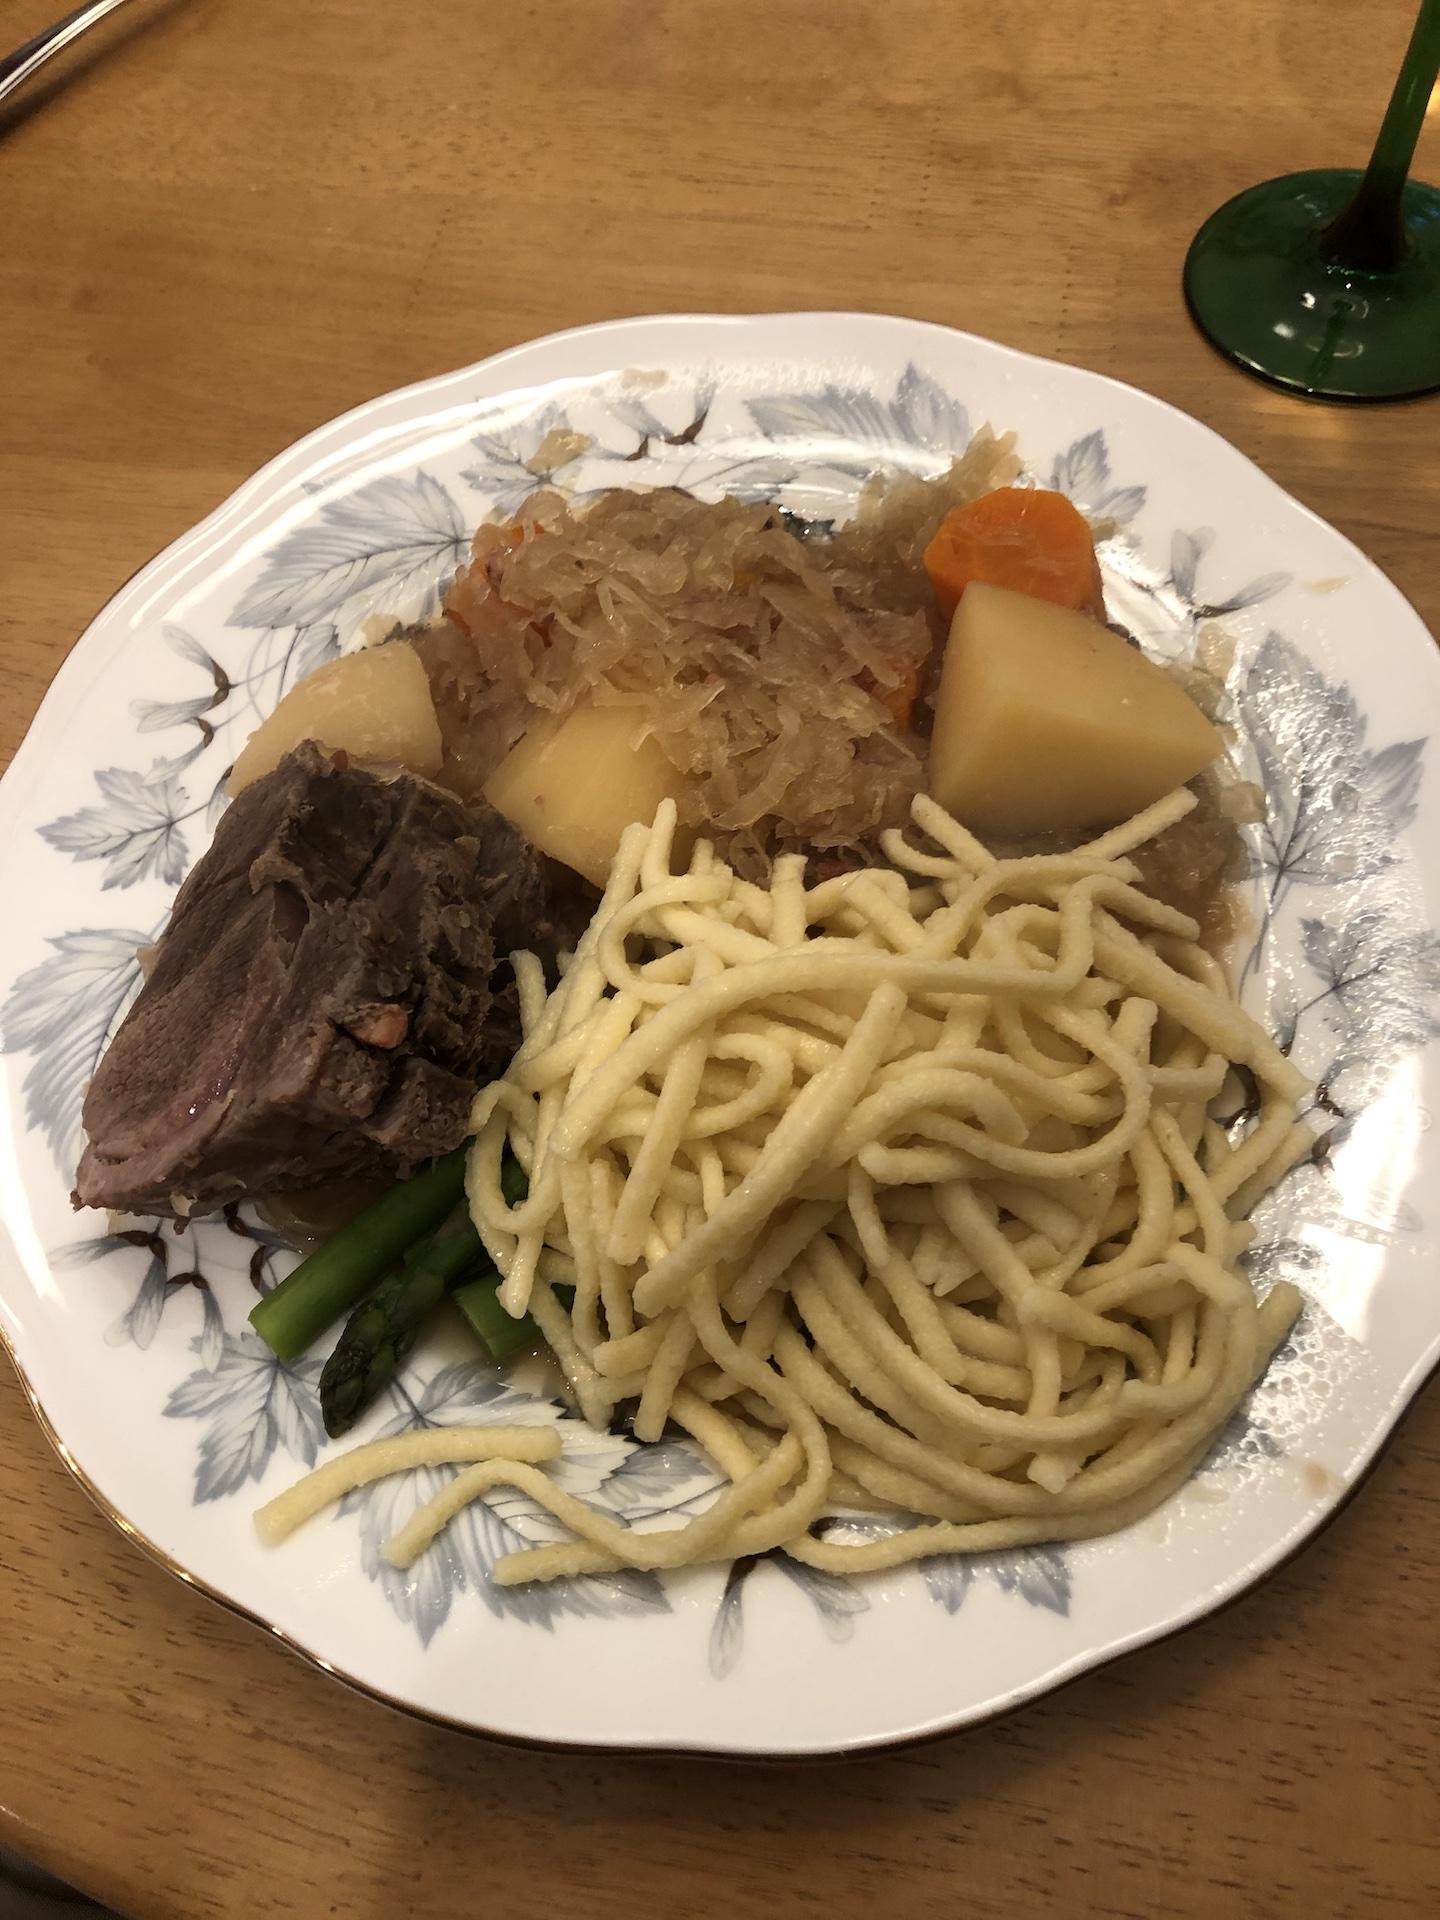 Braised Wild Boar with Sauerkraut